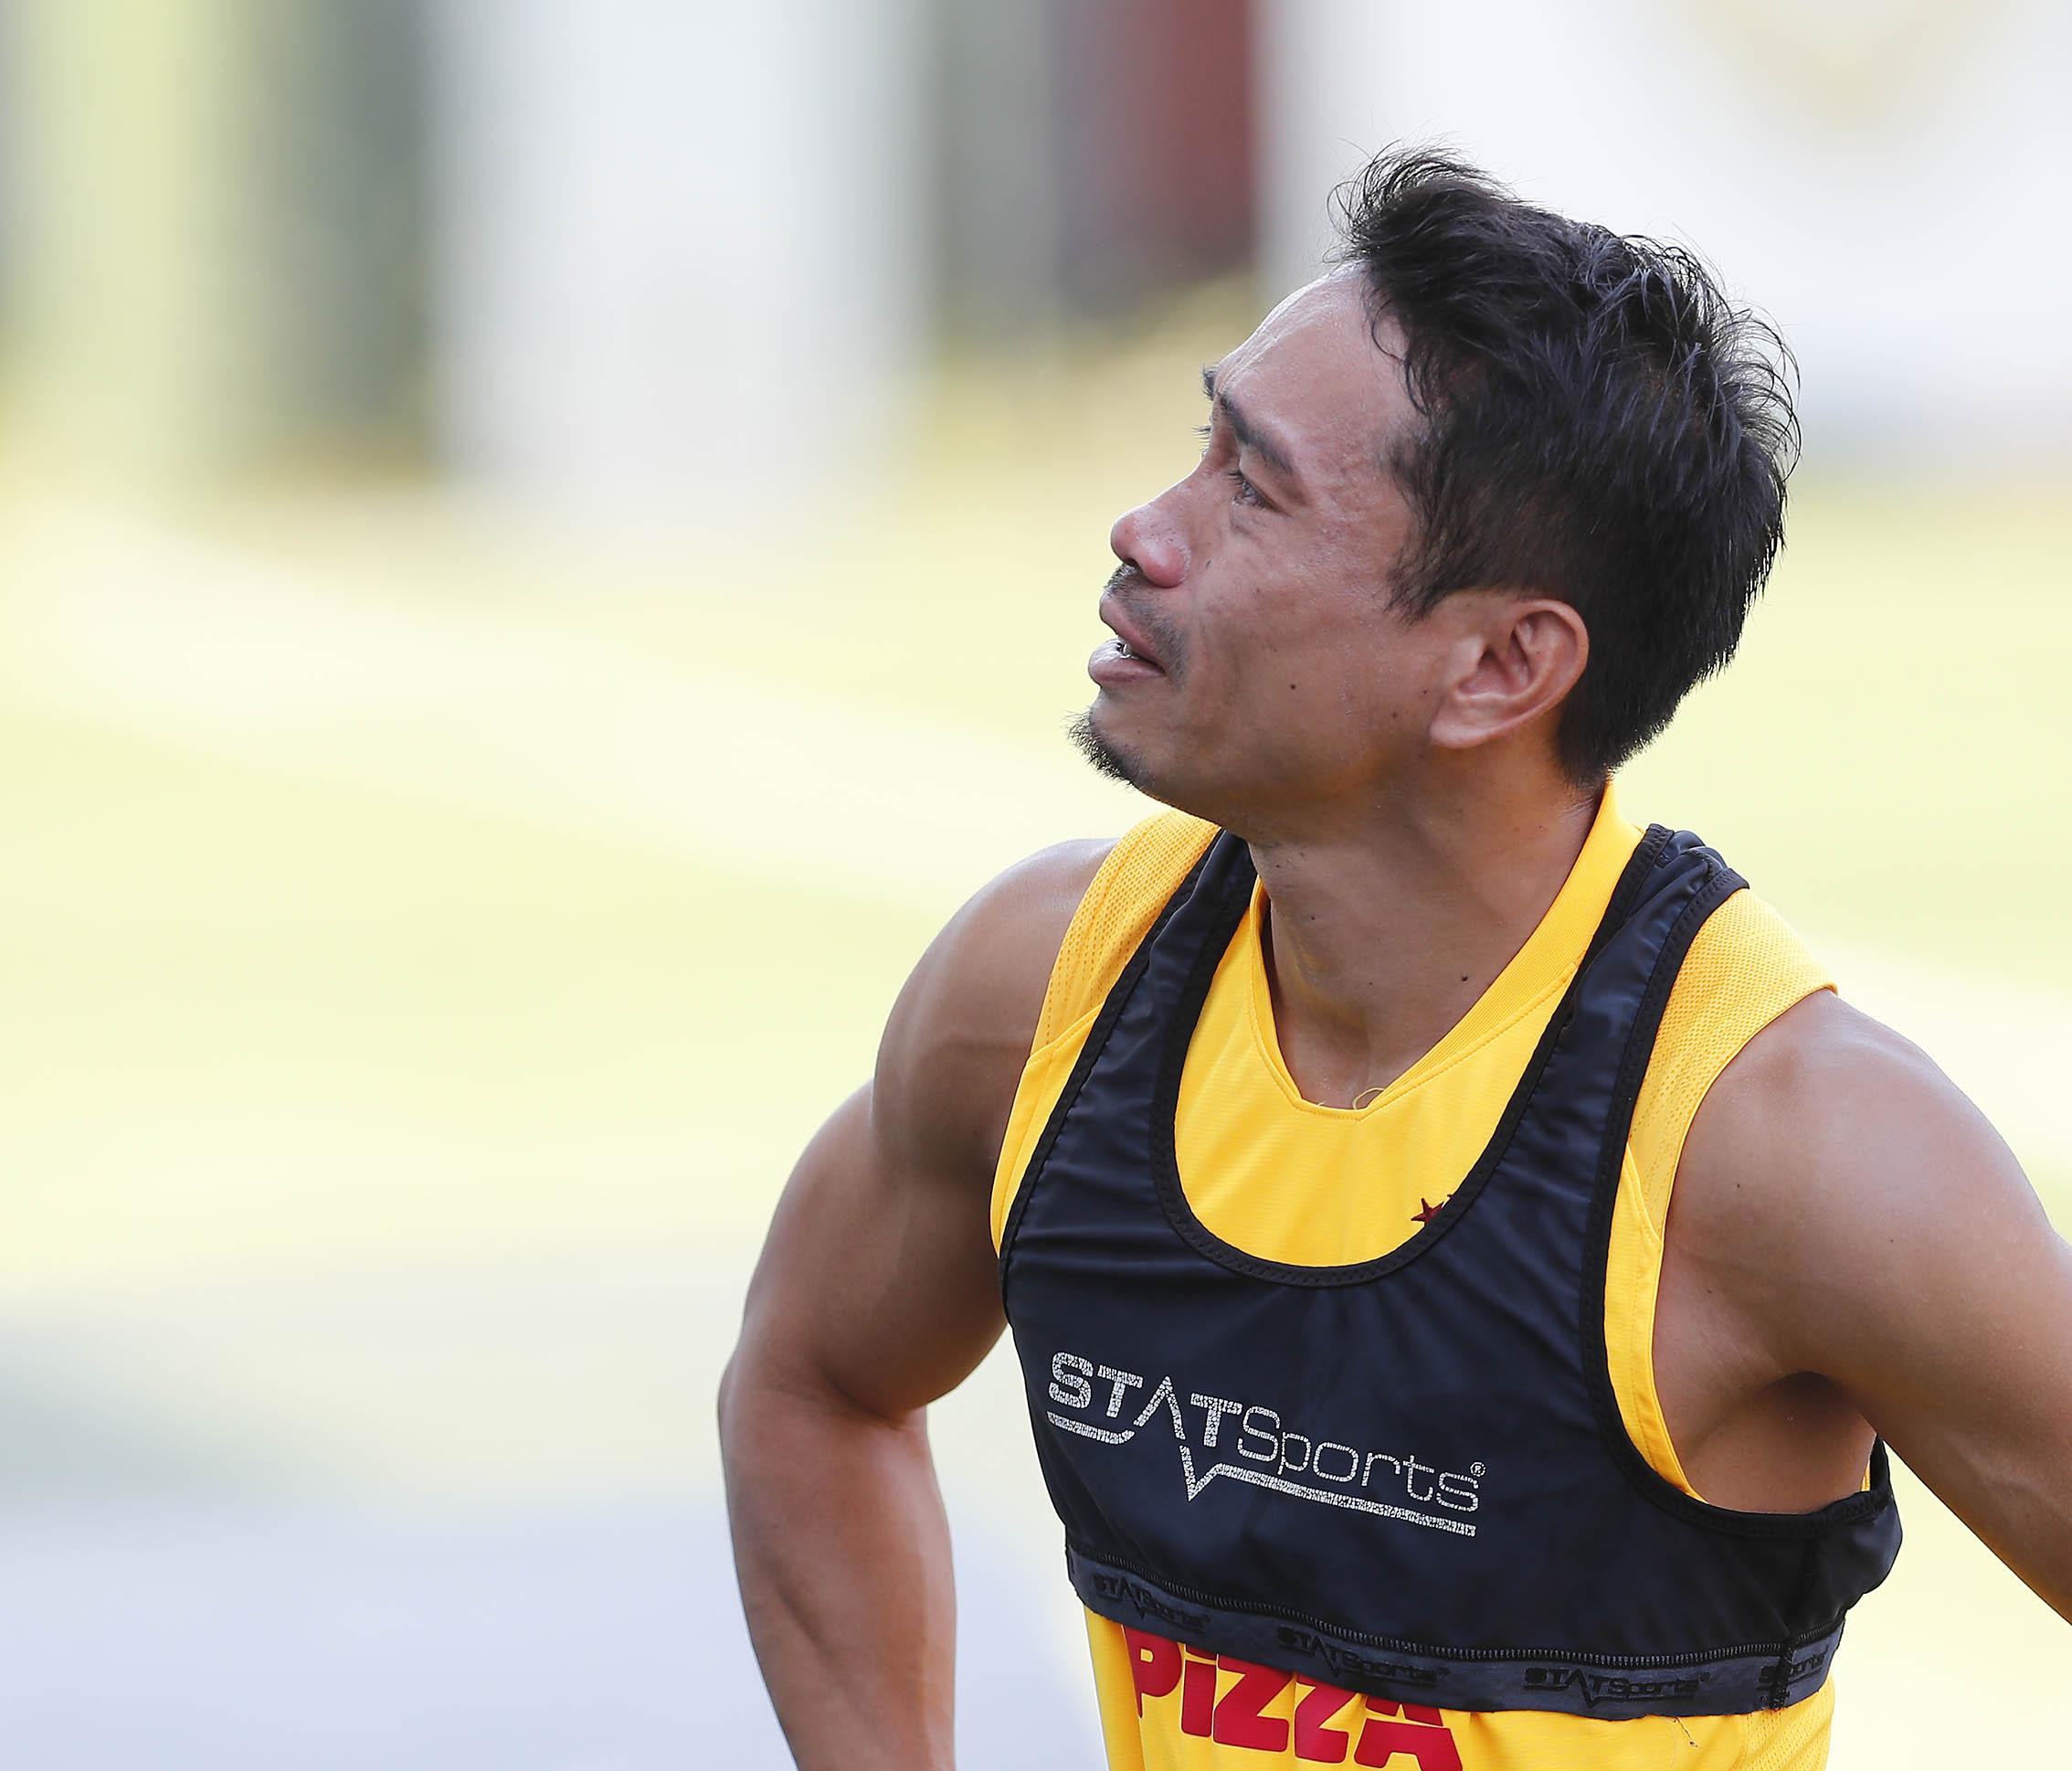 Eb6XCfUXgAAyaVS?format=jpg&name=4096x4096 - Yuto Nagatomo Galatasaray'a gözyaşlarıyla veda etti | İşte o anlar